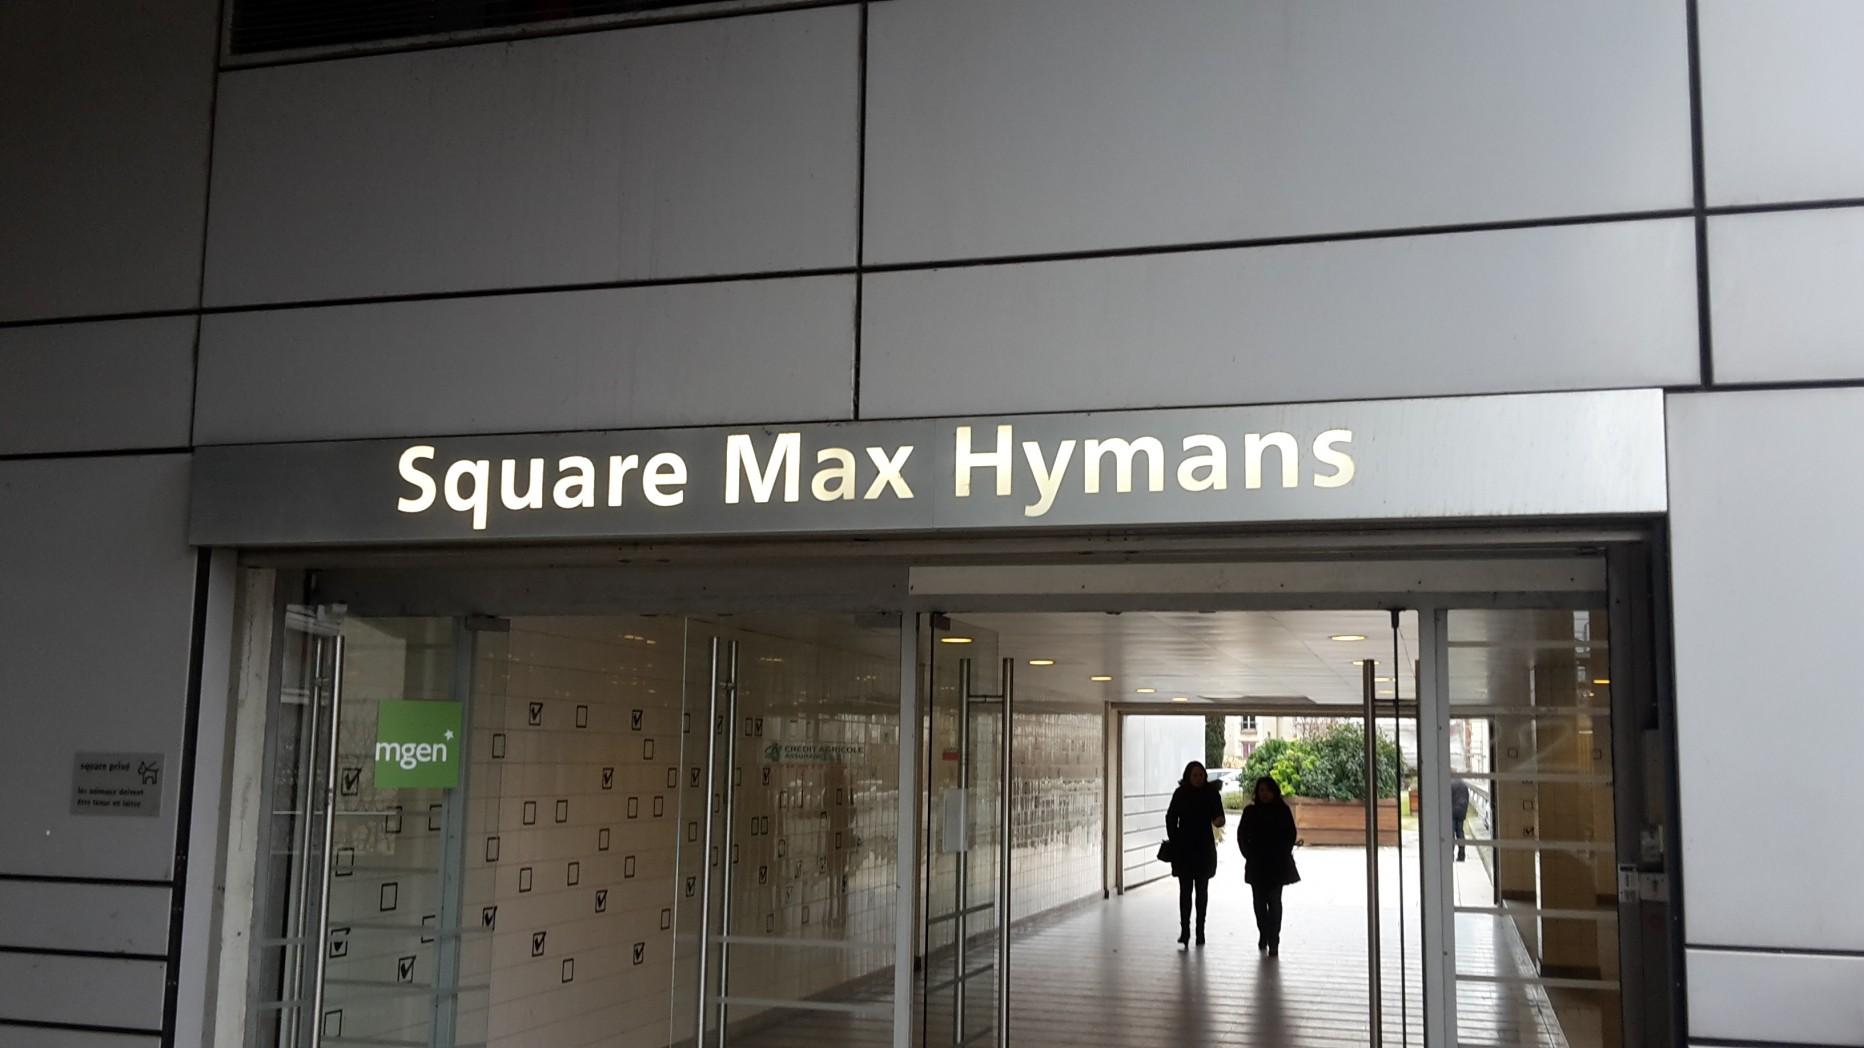 Square Max Hymans